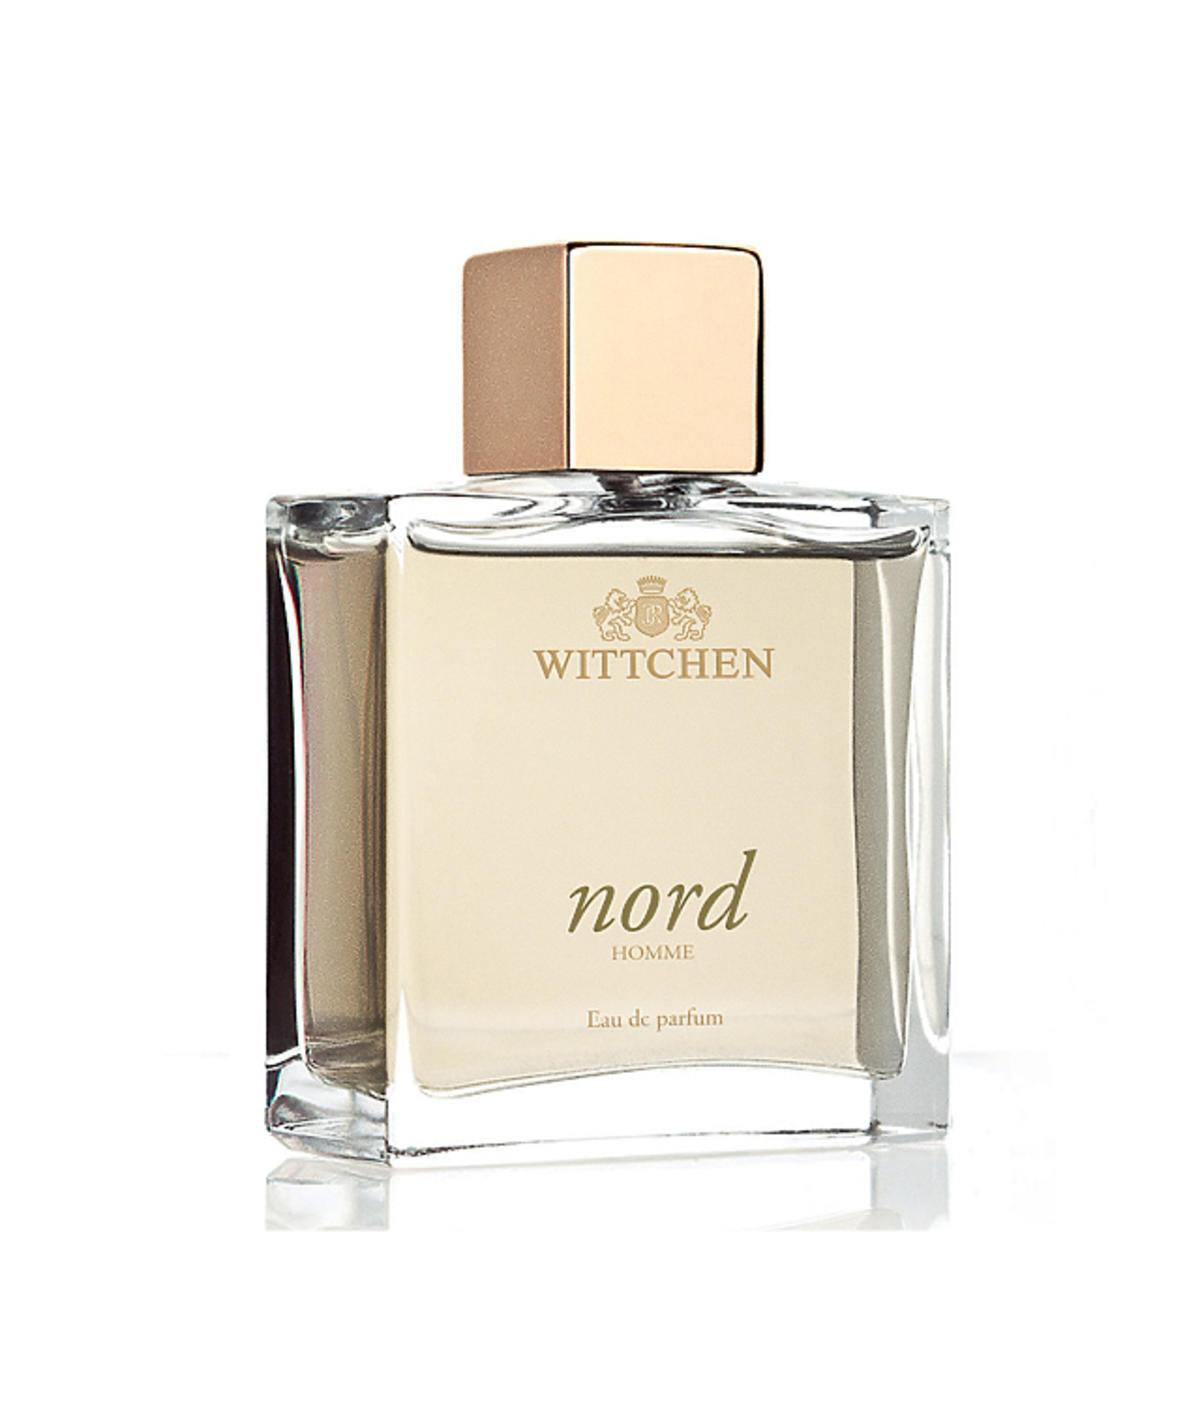 Woda perfumowana dla meżczyzn, Wittchen, 269 zł